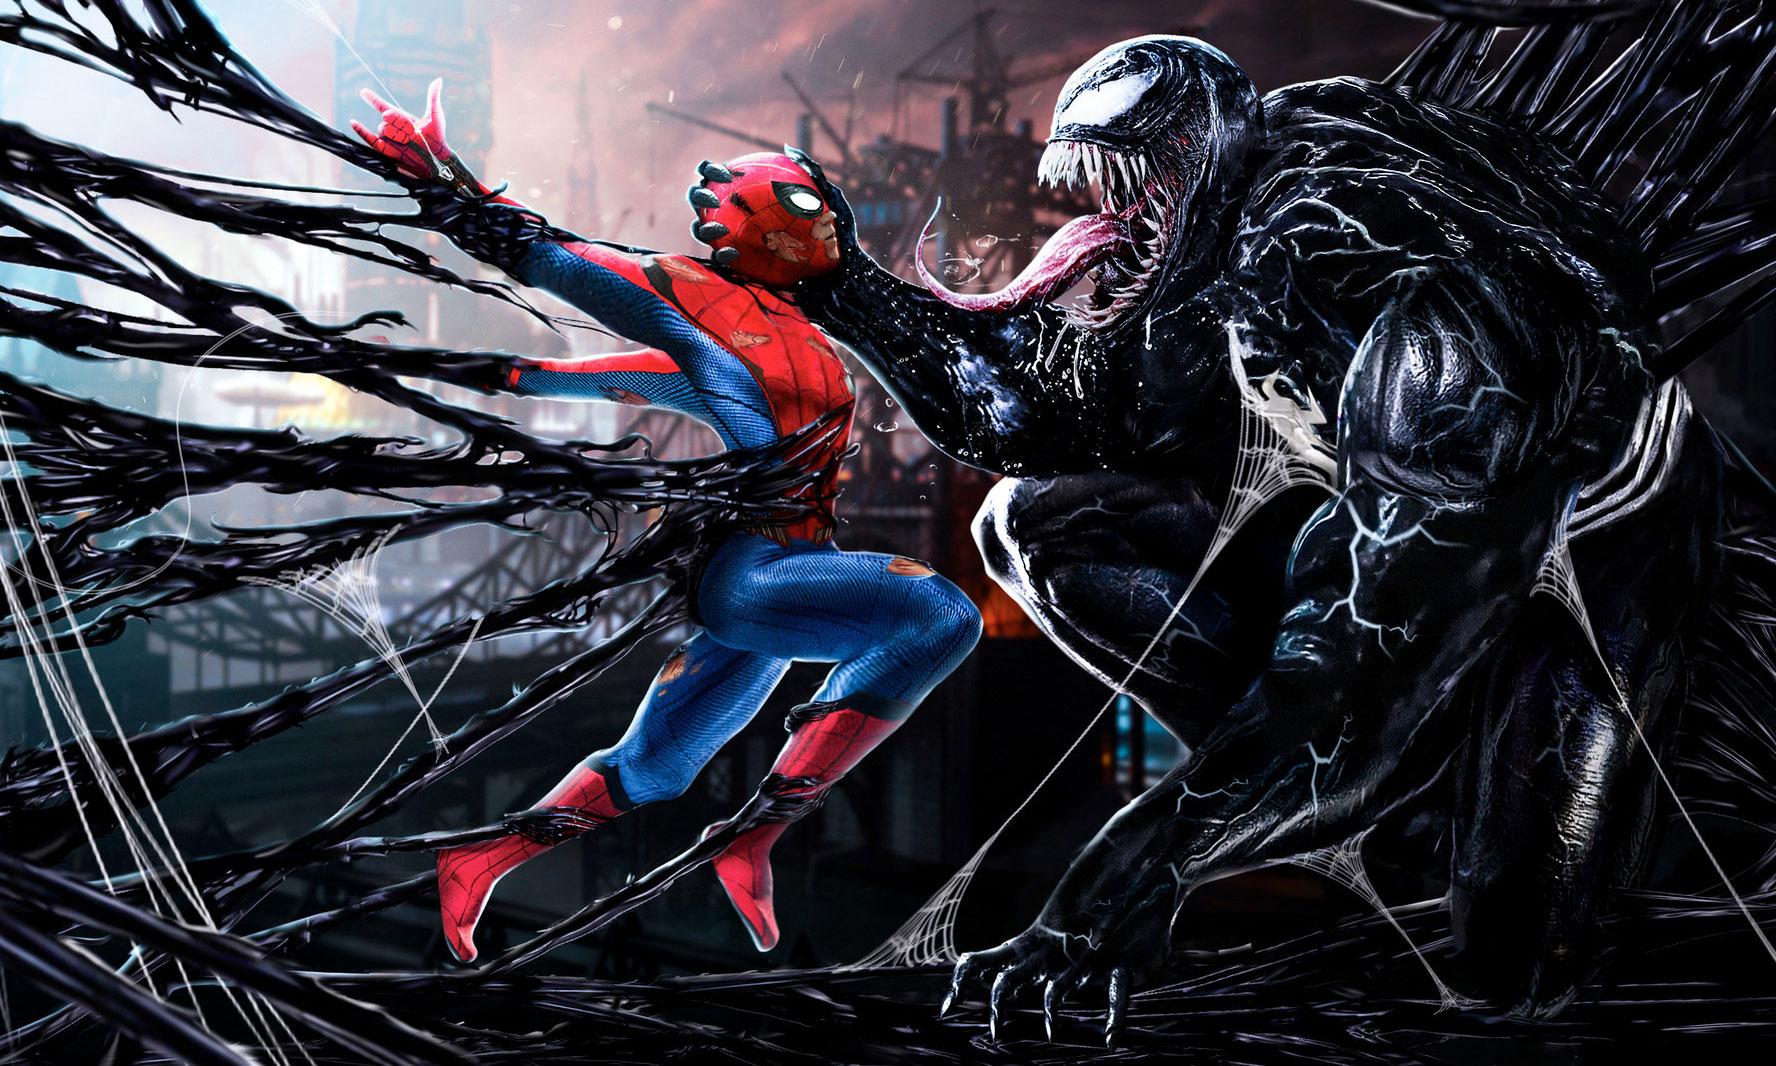 导演确认,蜘蛛侠与毒液或将在未来联动